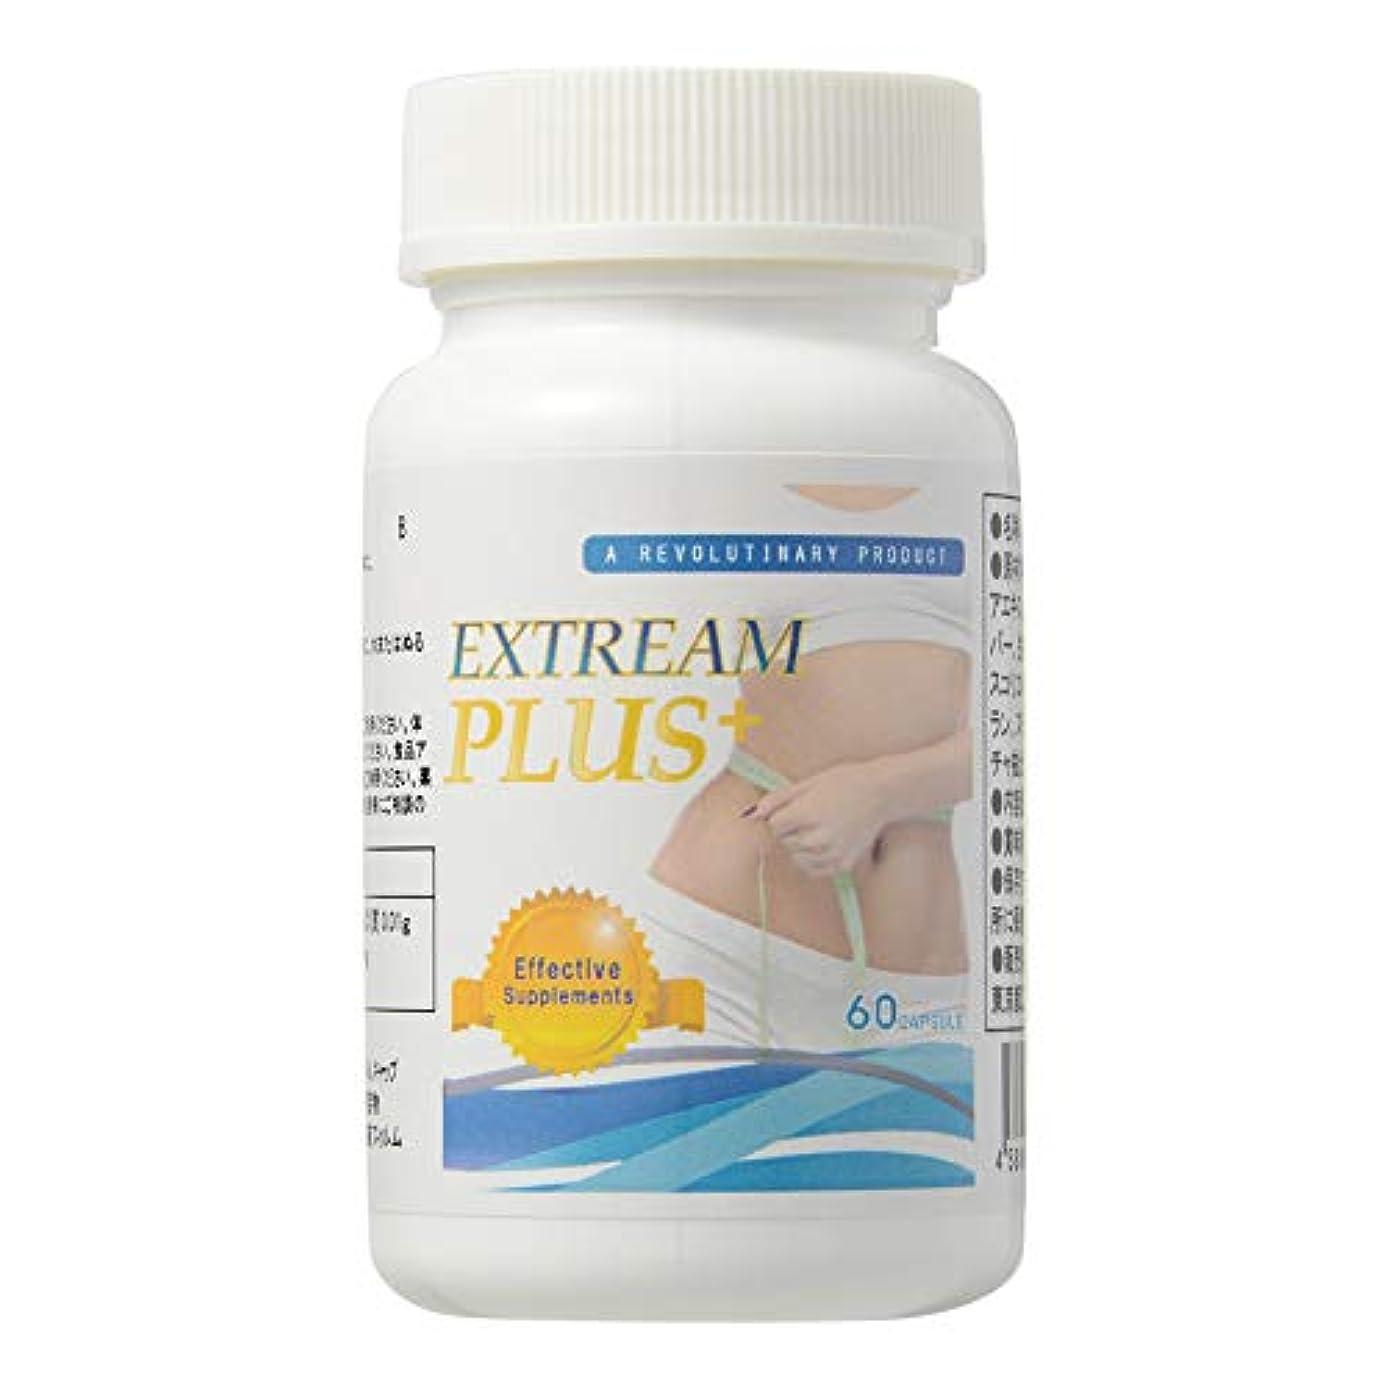 反乱取り組むしかしながらExtream Plus (エクストリームプラス) 栄養補助食品 L-カルニチン サプリメント [250mg×60粒/ 説明書付き]